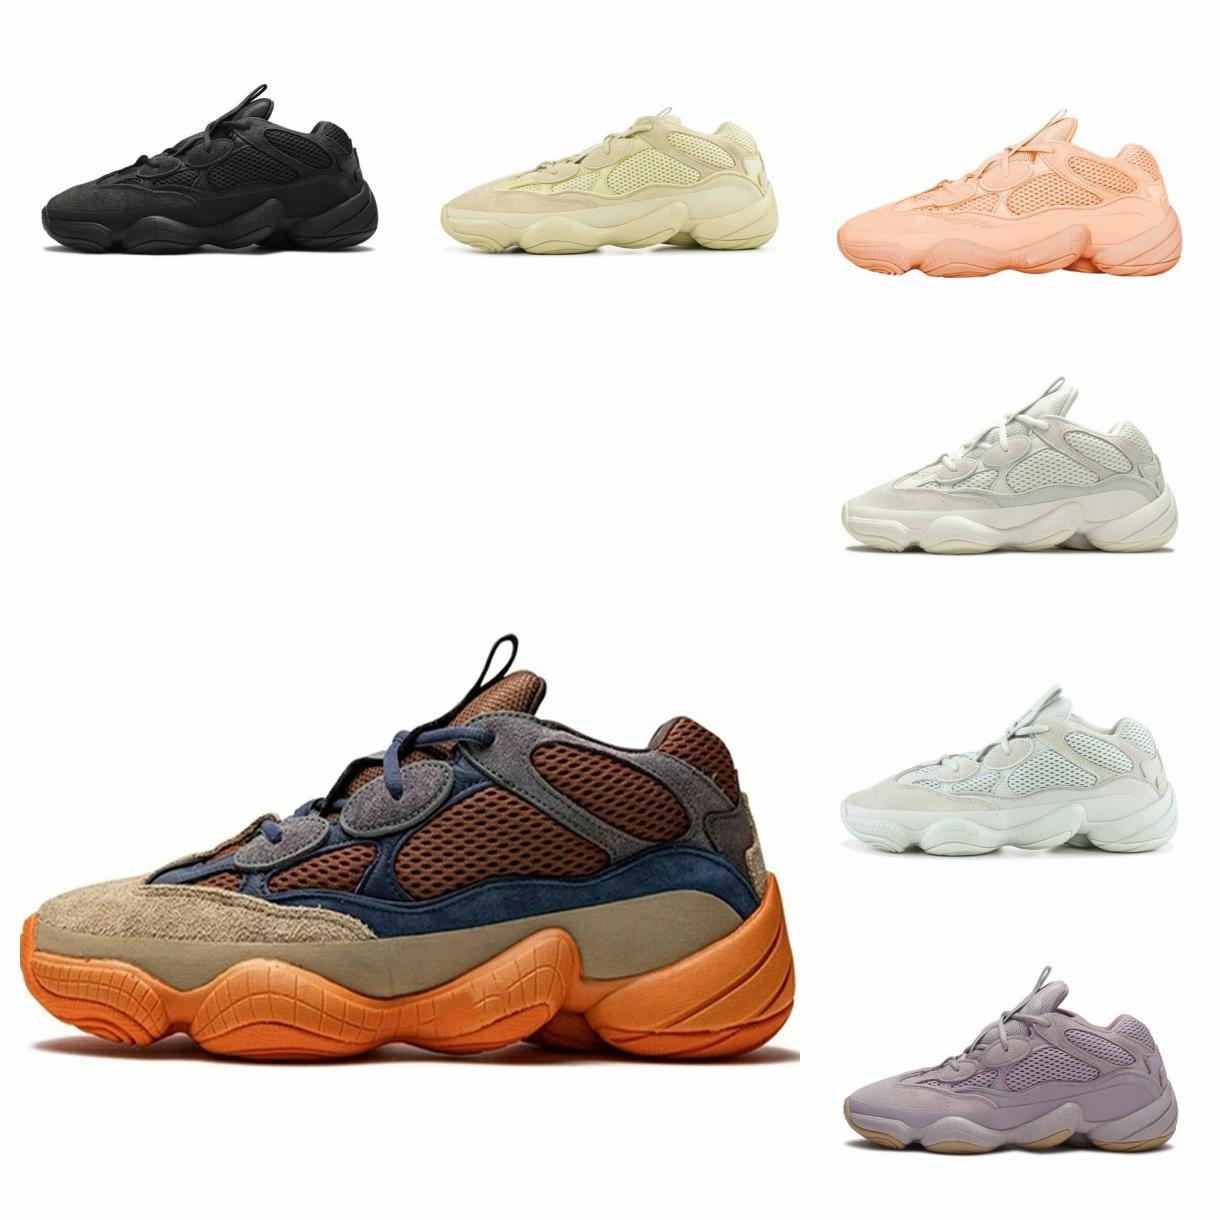 2021 Kanye West 500 Mens Runner Shoes 소프트 비전 스톤 뼈 흰색 유틸리티 블랙 슈퍼 달 노란색 반사 남자 야외 운동화 #bn